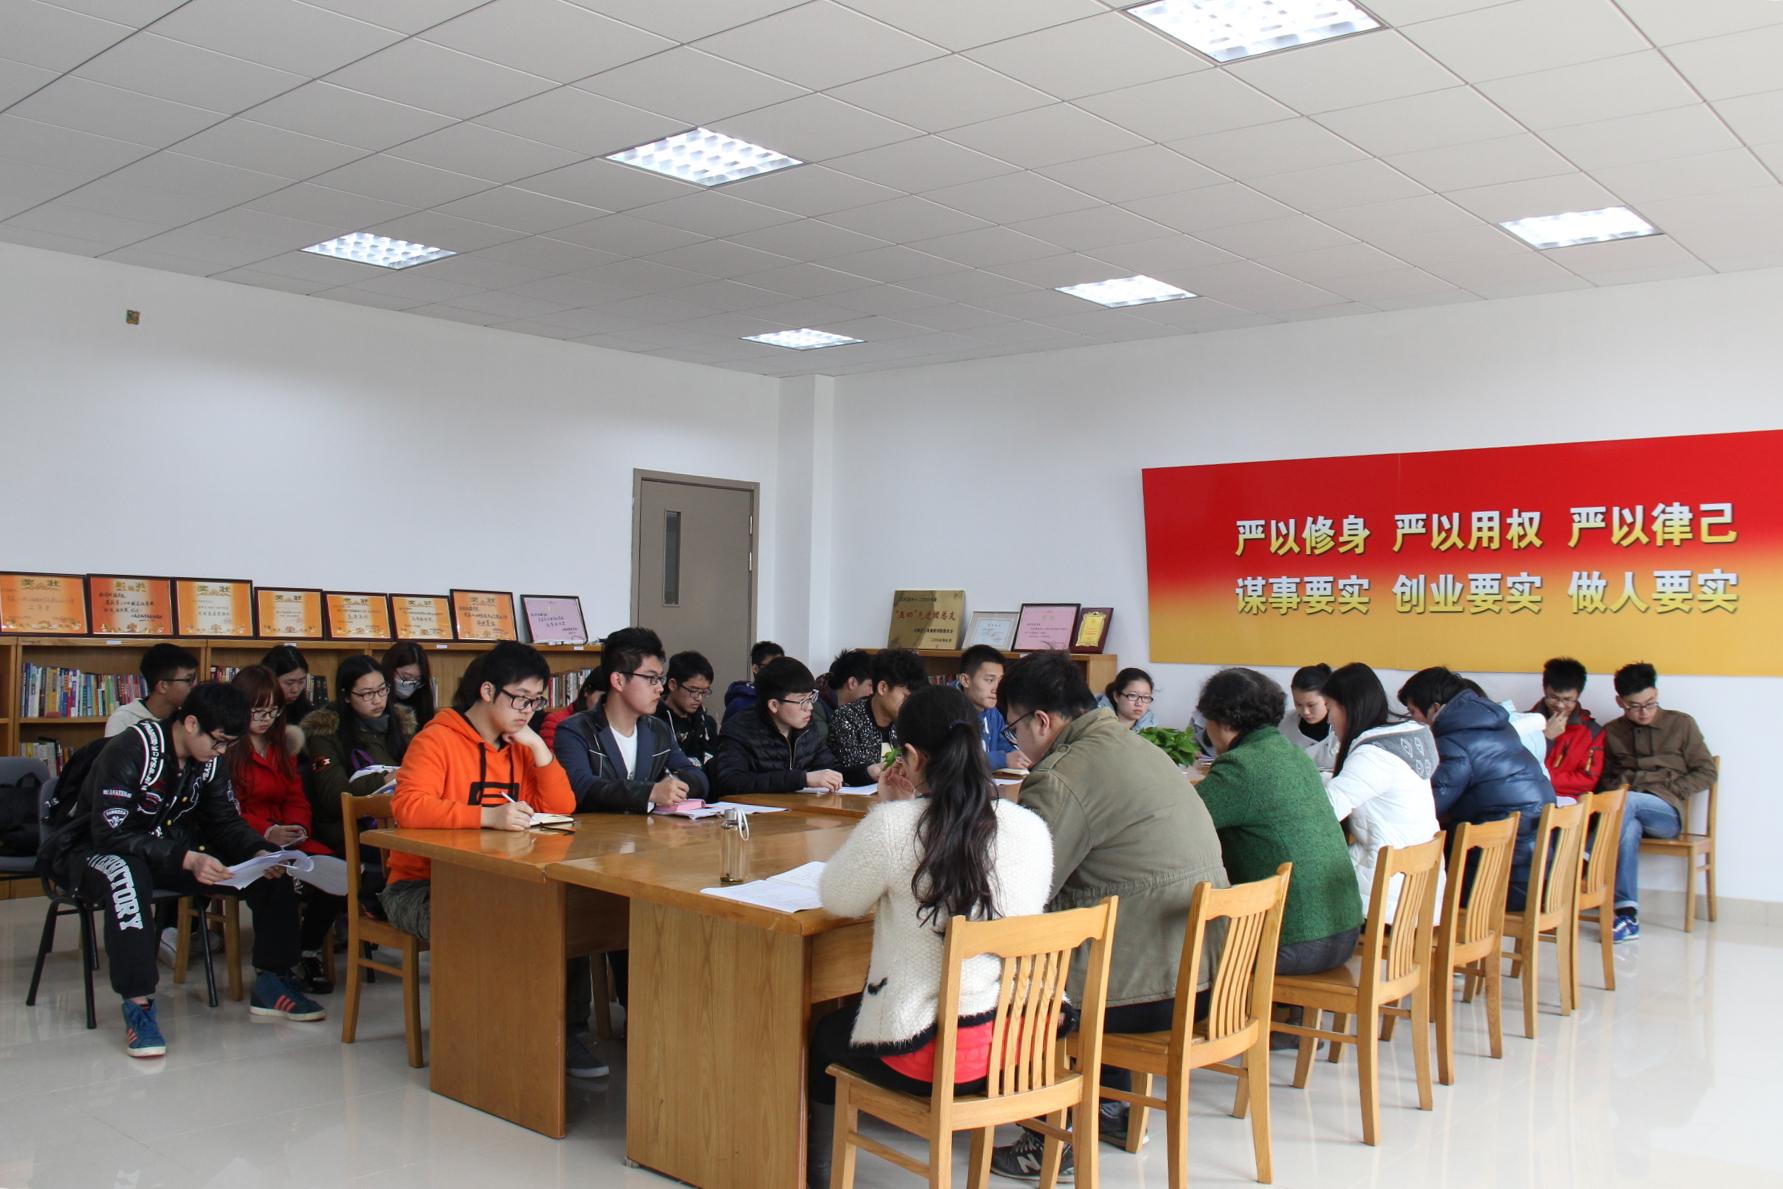 新闻传播学院召开社区工作会议